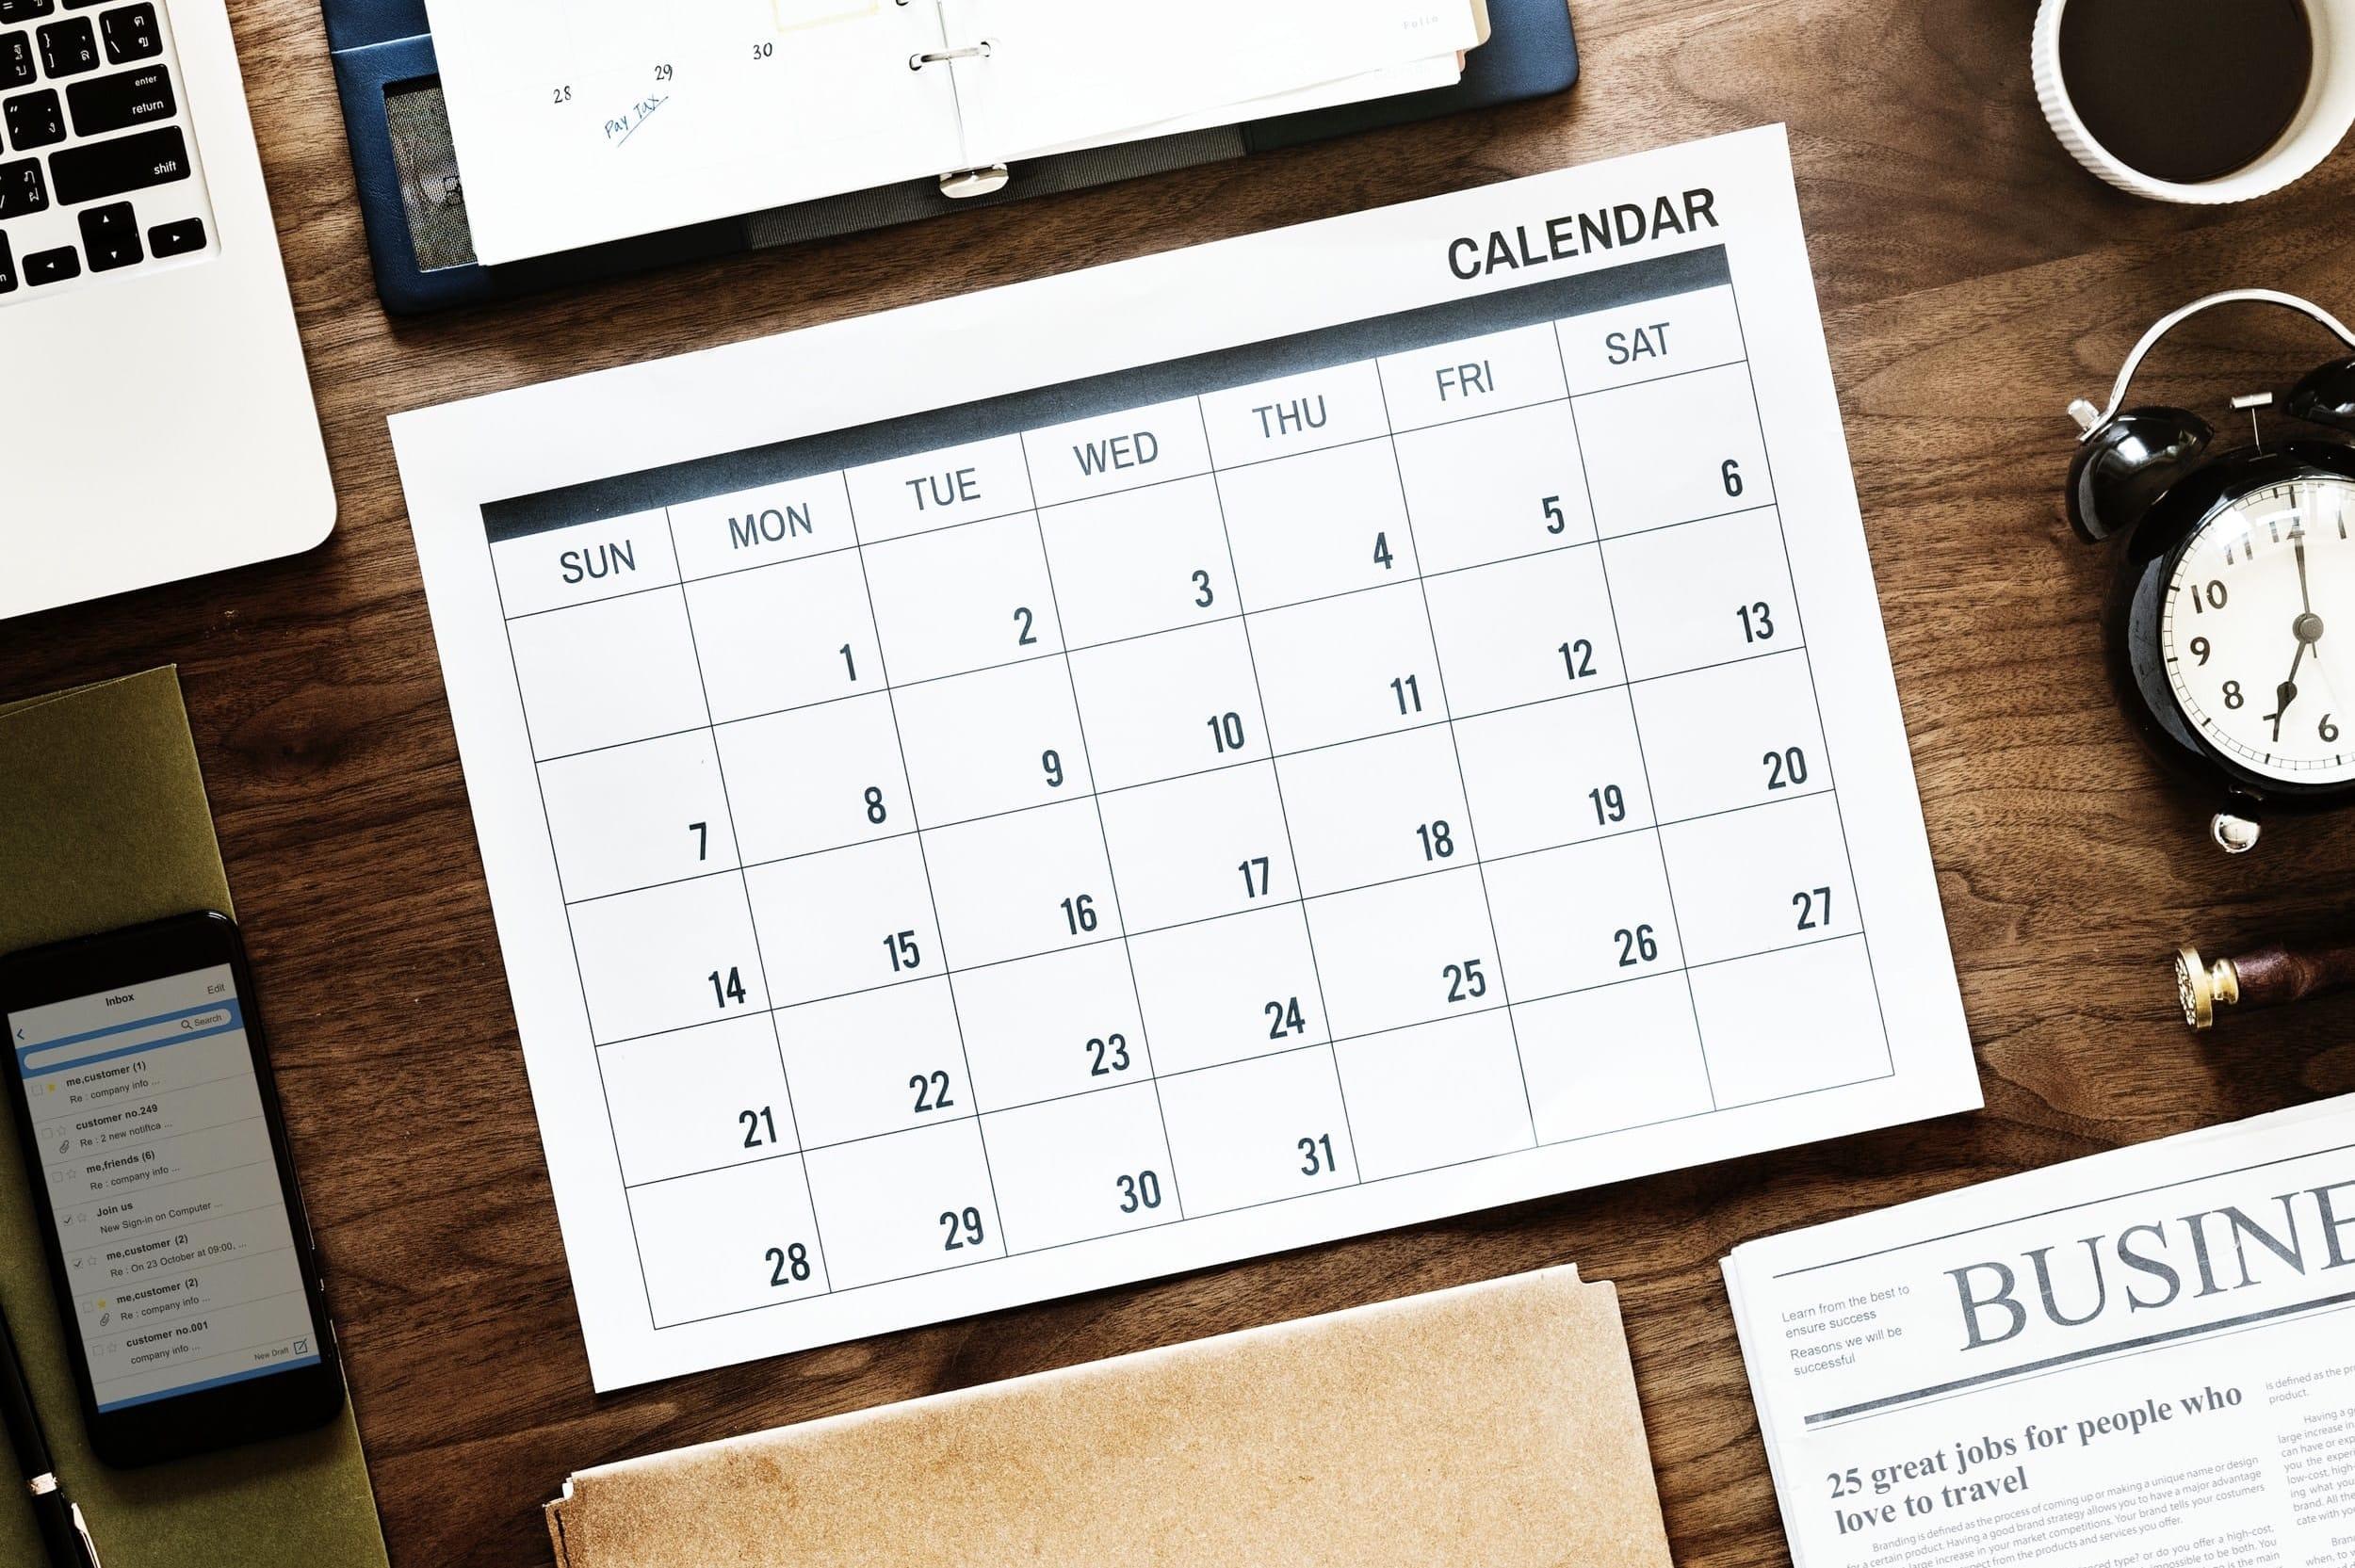 一日を効率良く過ごすための、Googleカレンダーの便利な使い方